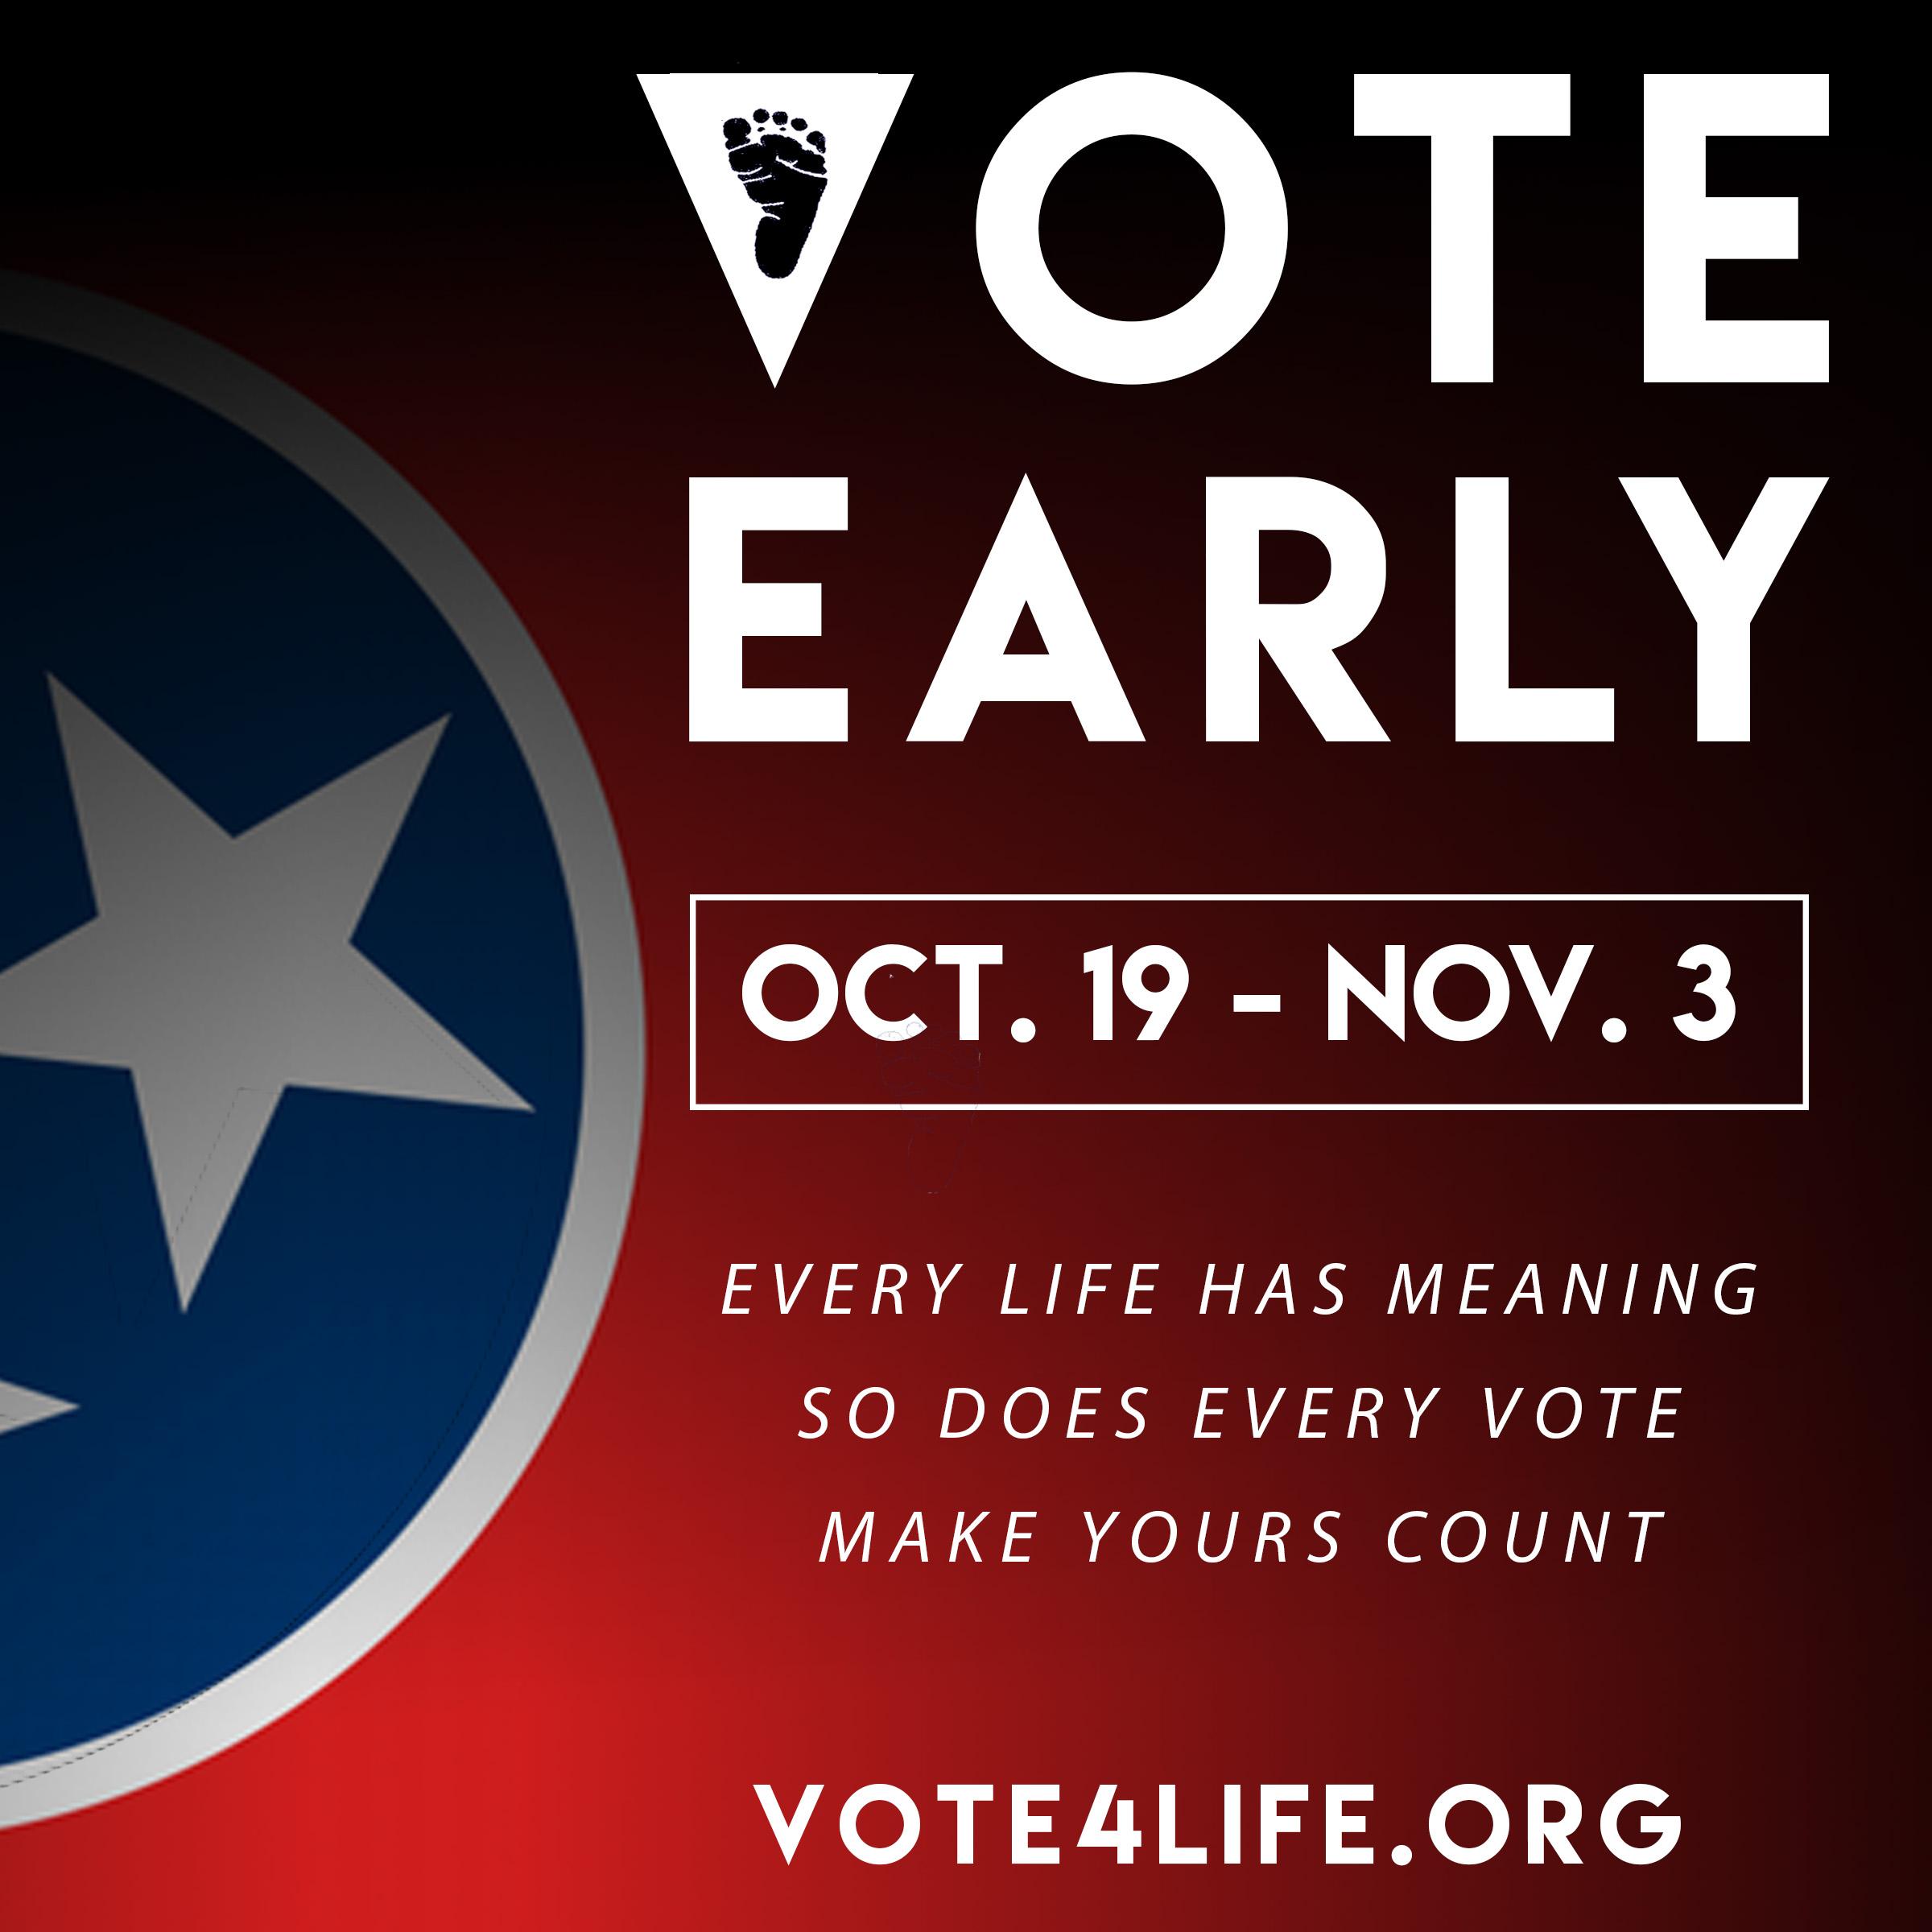 TRL_General_Early_VOTING_FLAGMEME.jpg